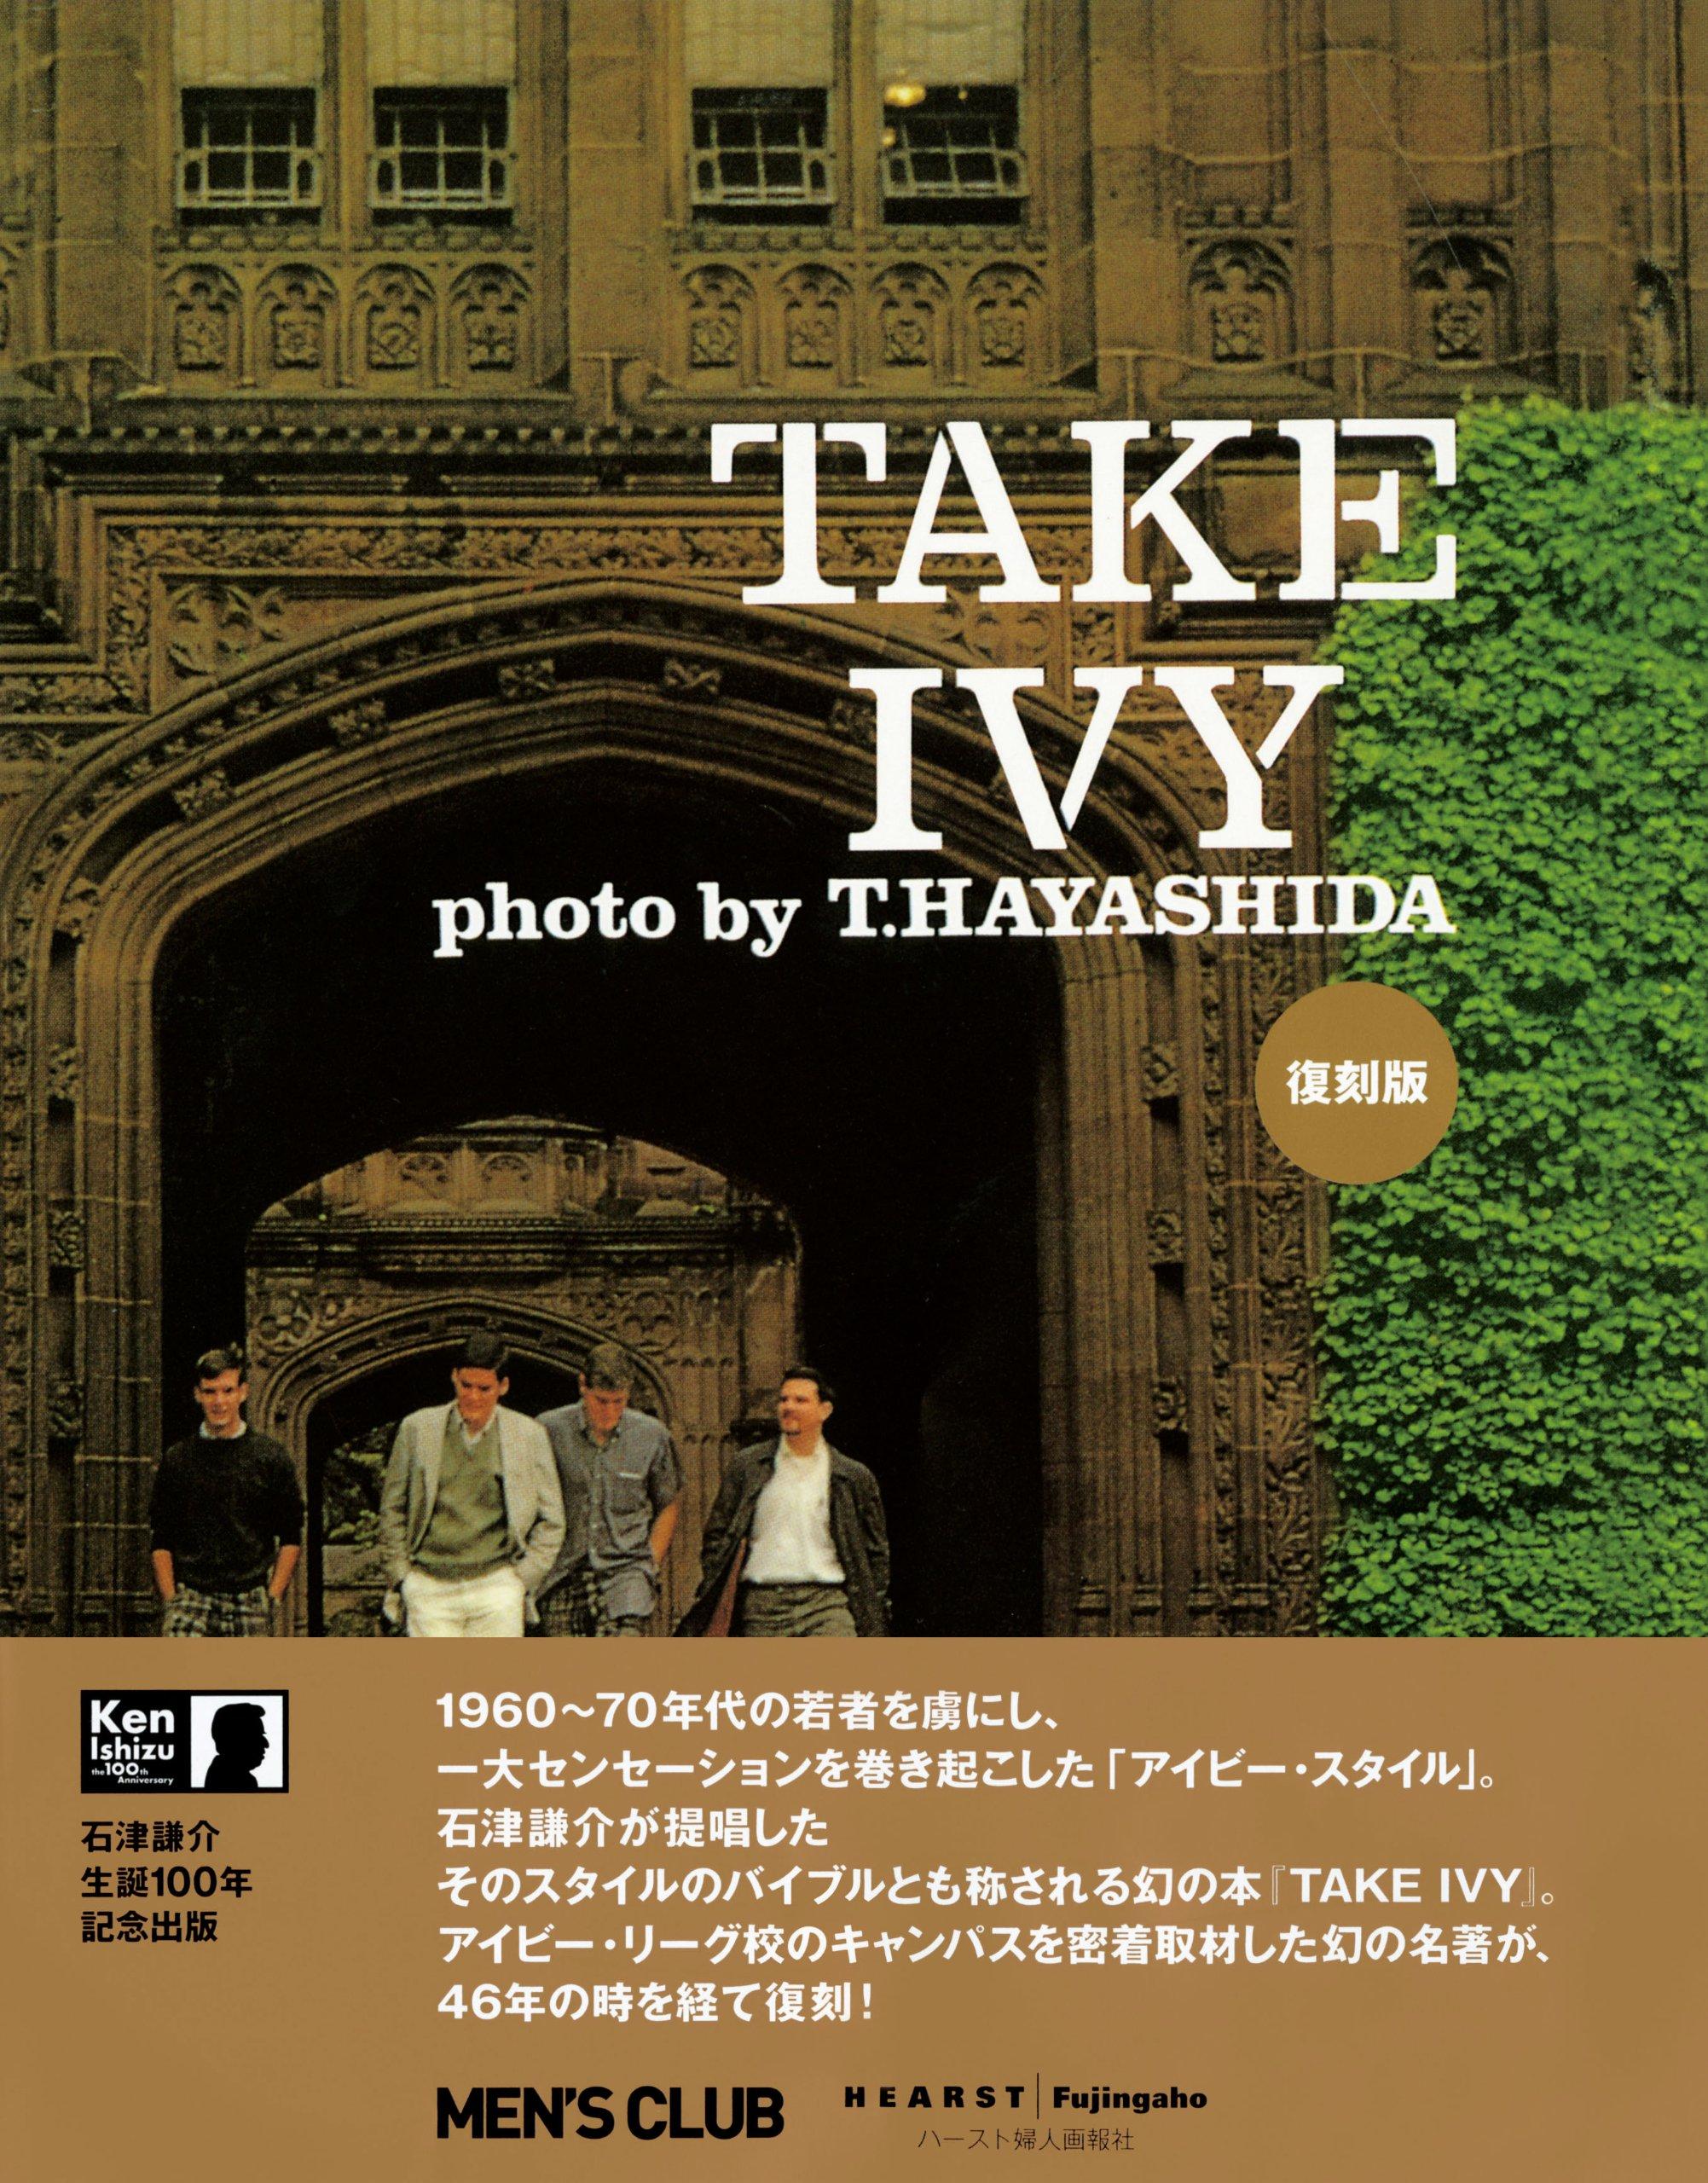 林田昭慶(2010)『TAKE IVY』ハースト婦人画報社